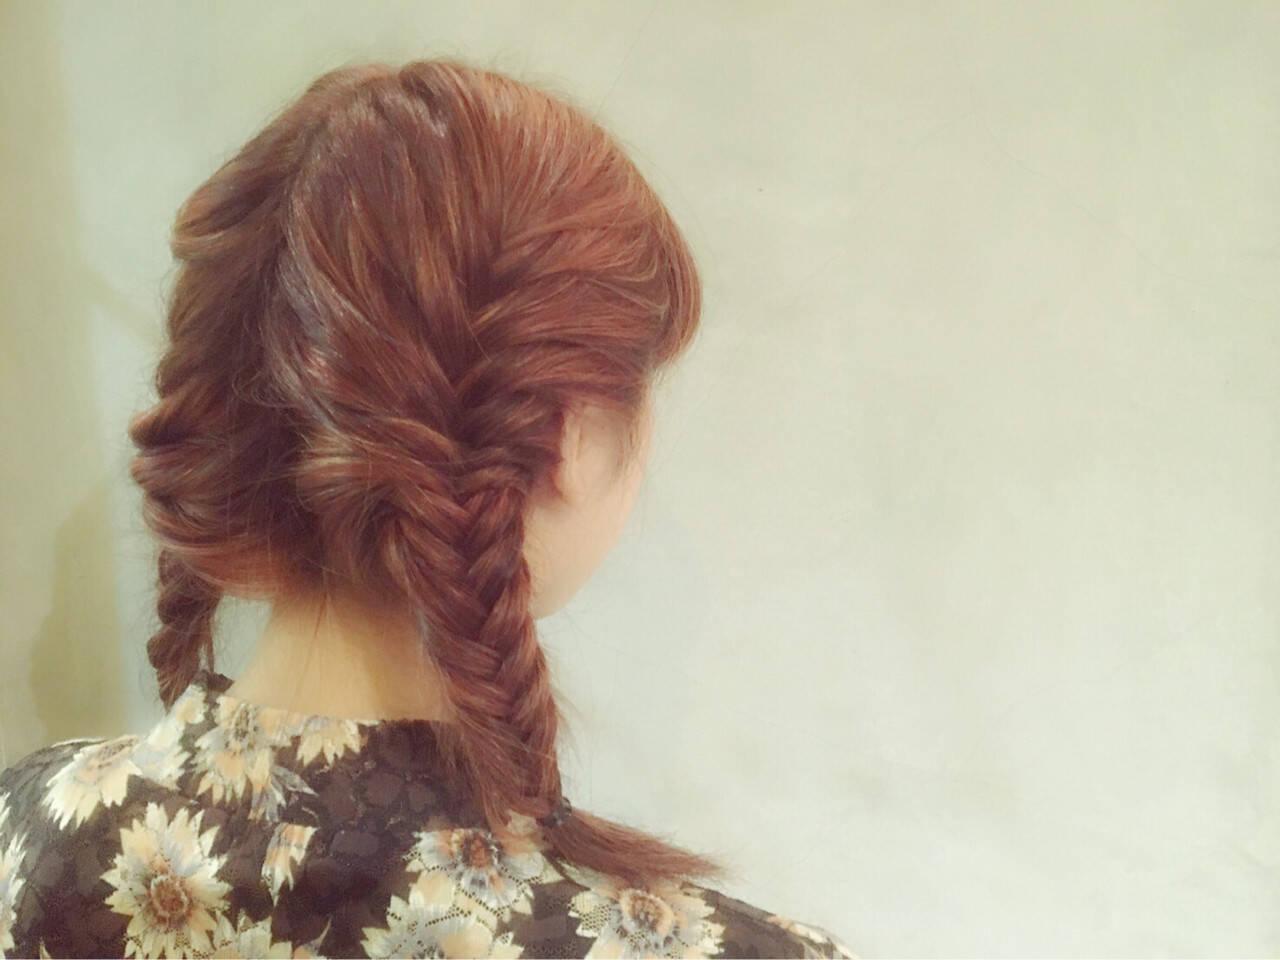 ガーリー ピュア ハイライト ショートヘアスタイルや髪型の写真・画像